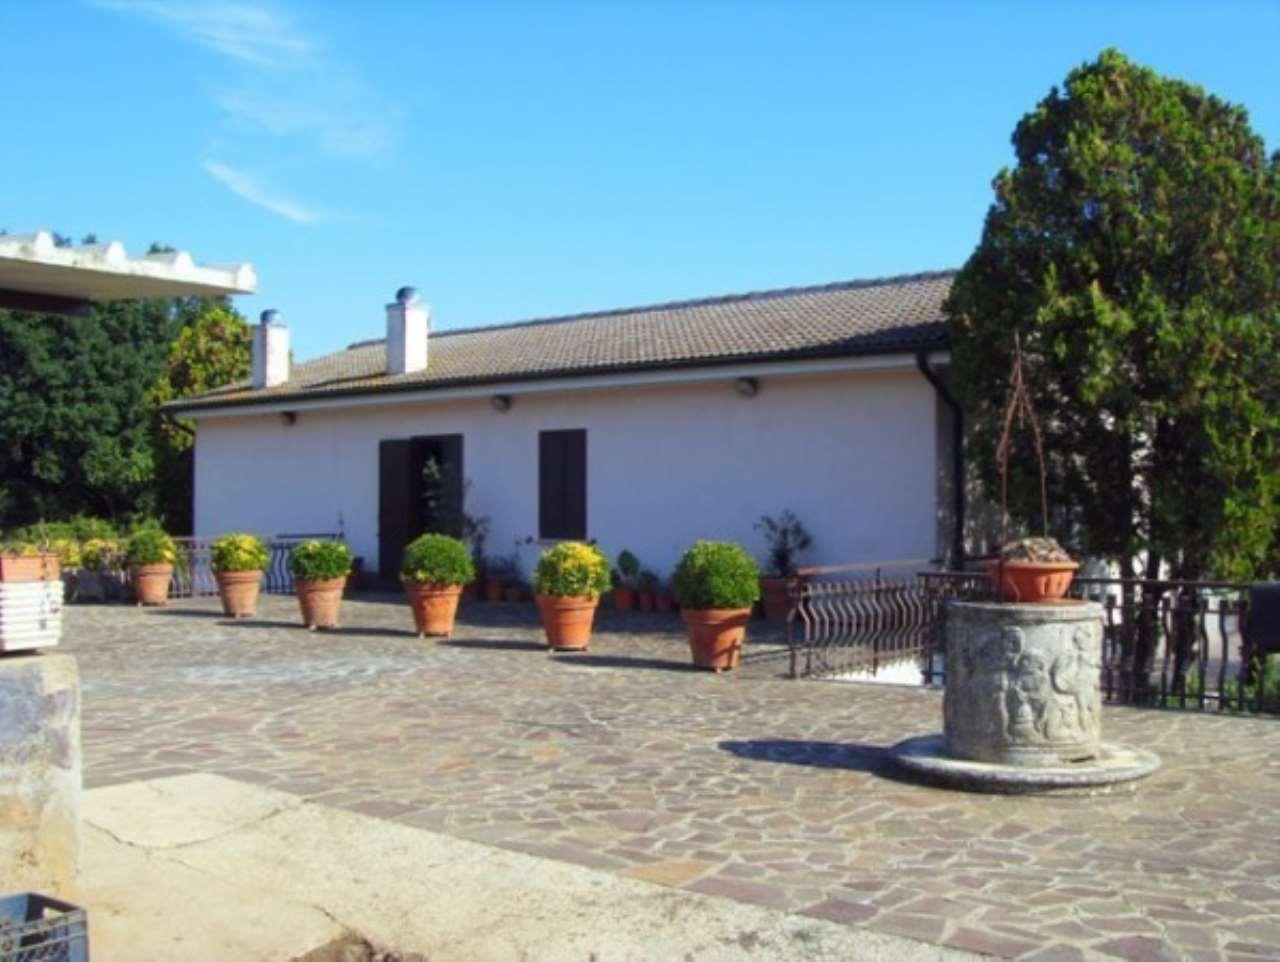 Villa in vendita a Nepi, 3 locali, prezzo € 420.000 | CambioCasa.it